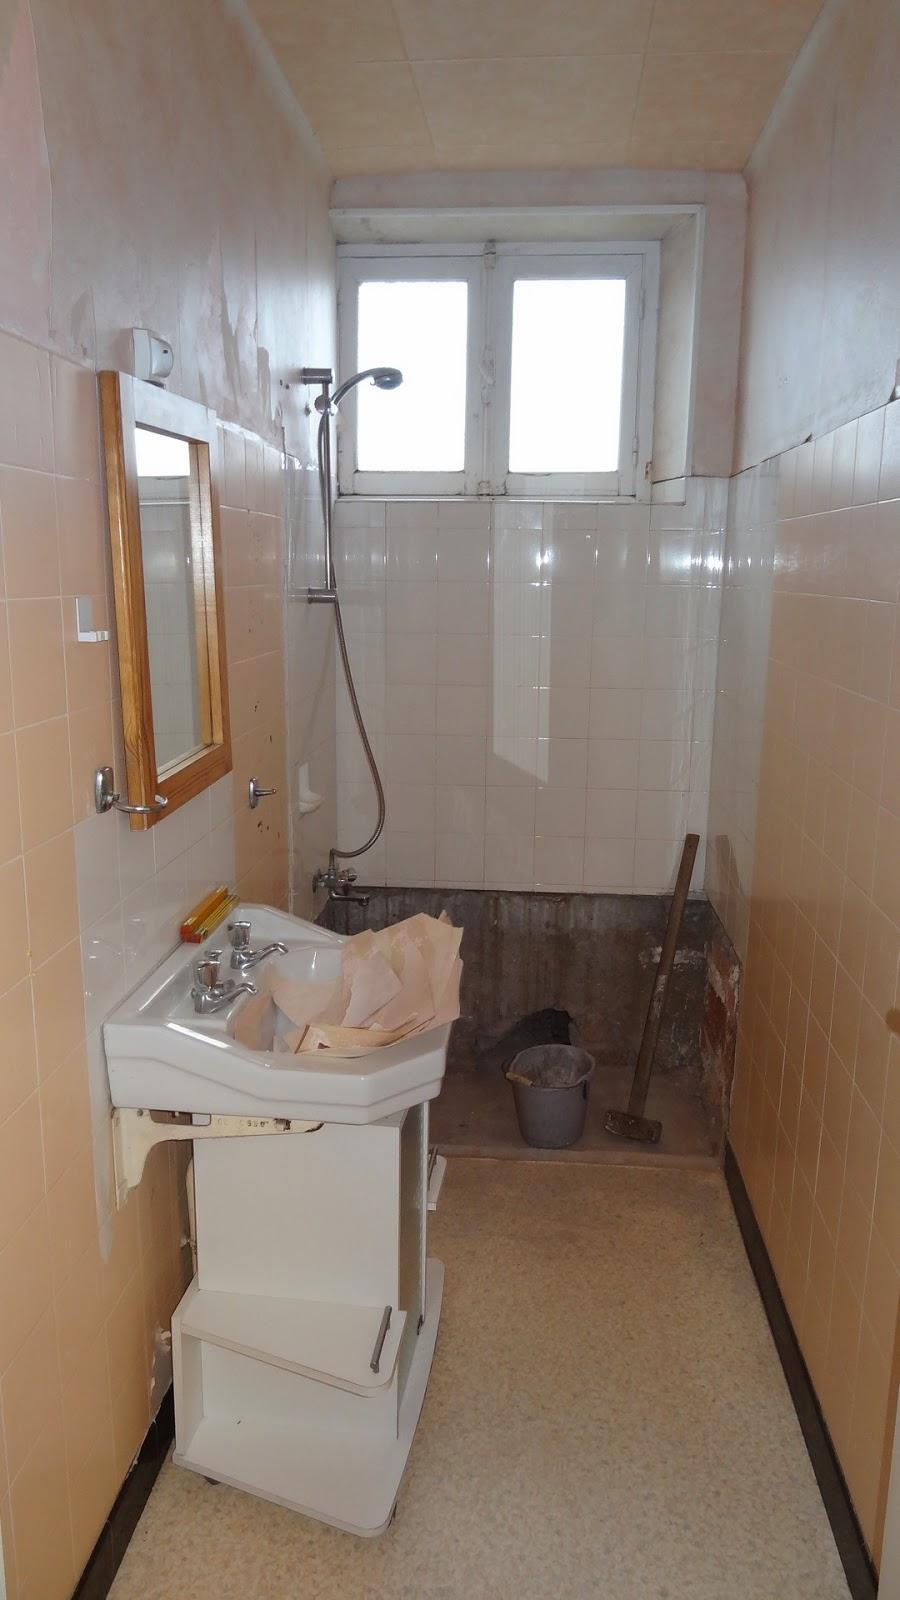 Espace Salle De Bain decoration interieure: salle de bains dans un espace reduit